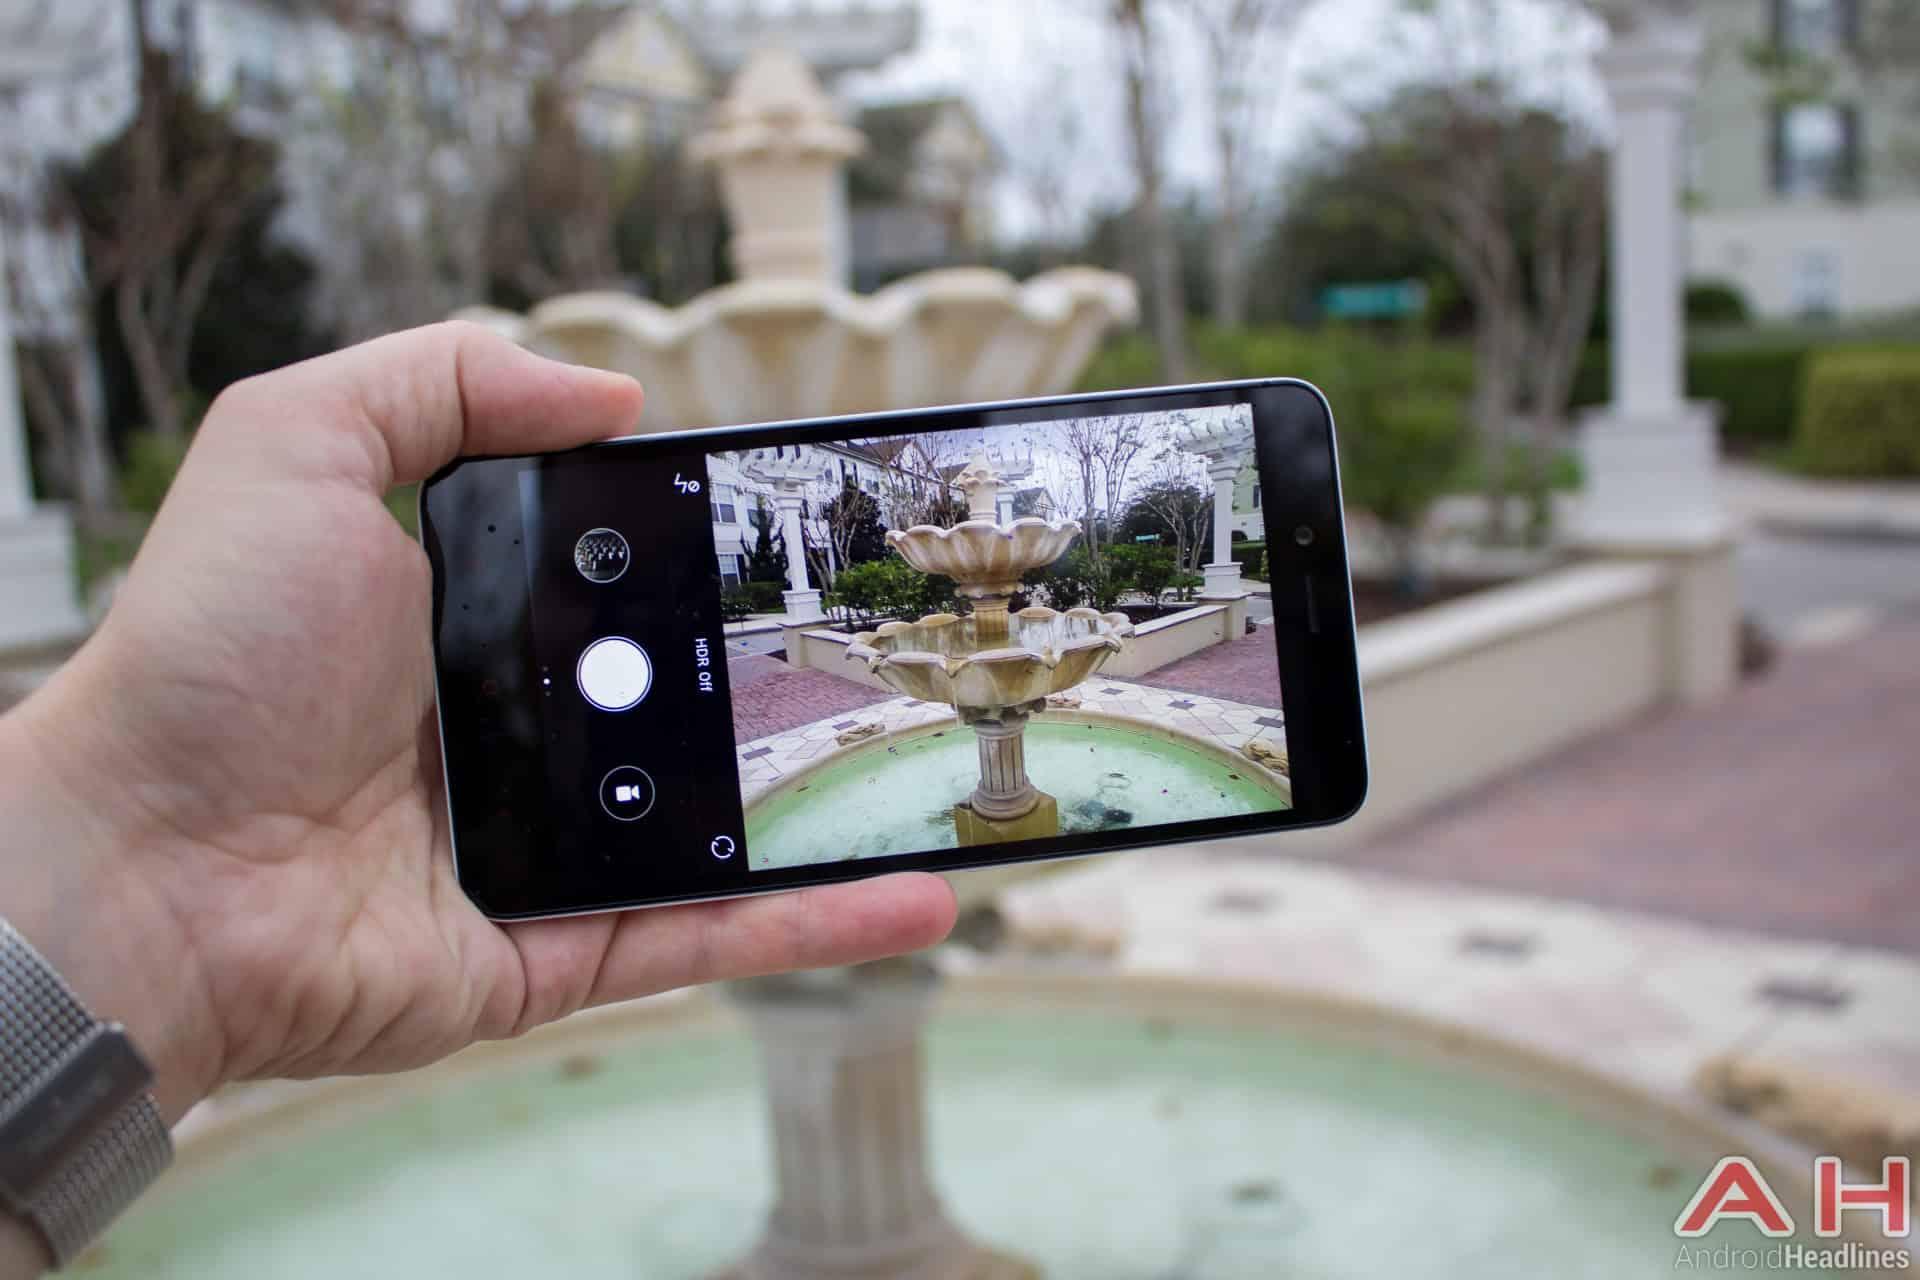 Xiaomi-Redmi-Note-2-AH-camera